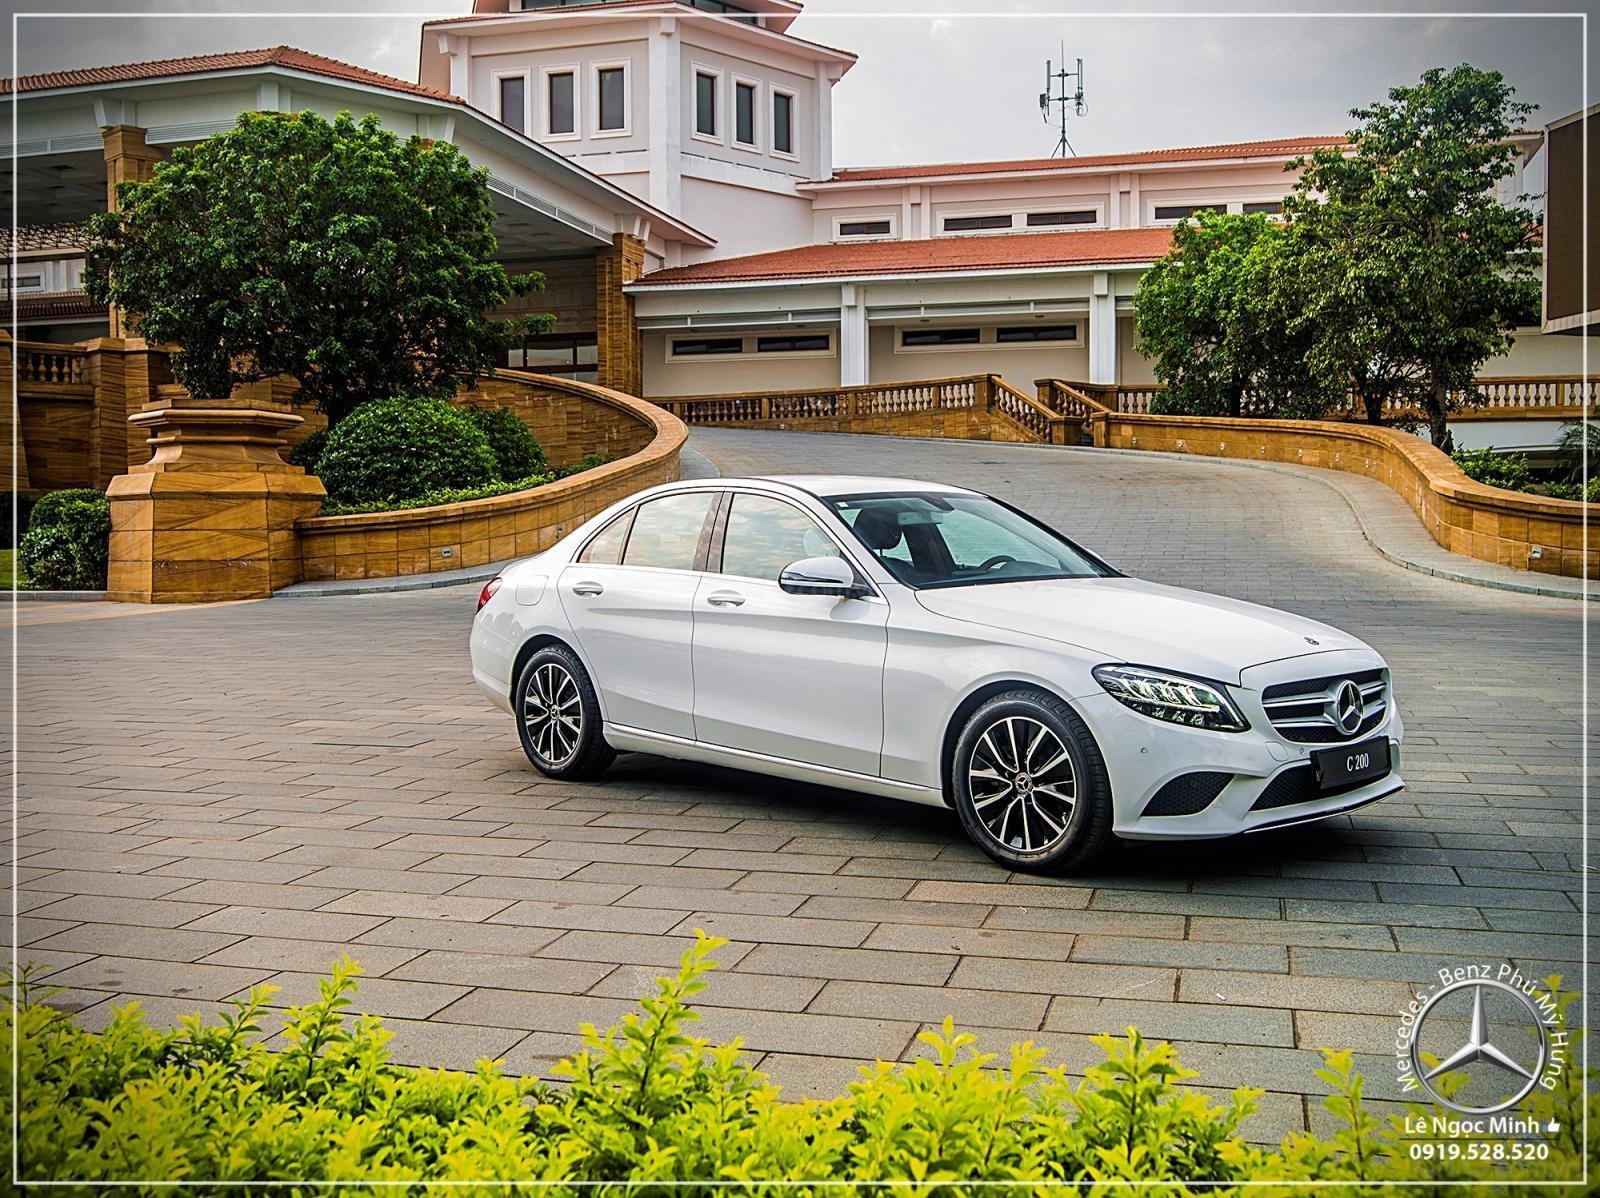 Mercedes Benz C200 new - Khuyến mãi khủng trong tháng 8 - Hỗ trợ 100% phí trước bạ - LH: 0919 528 520-1